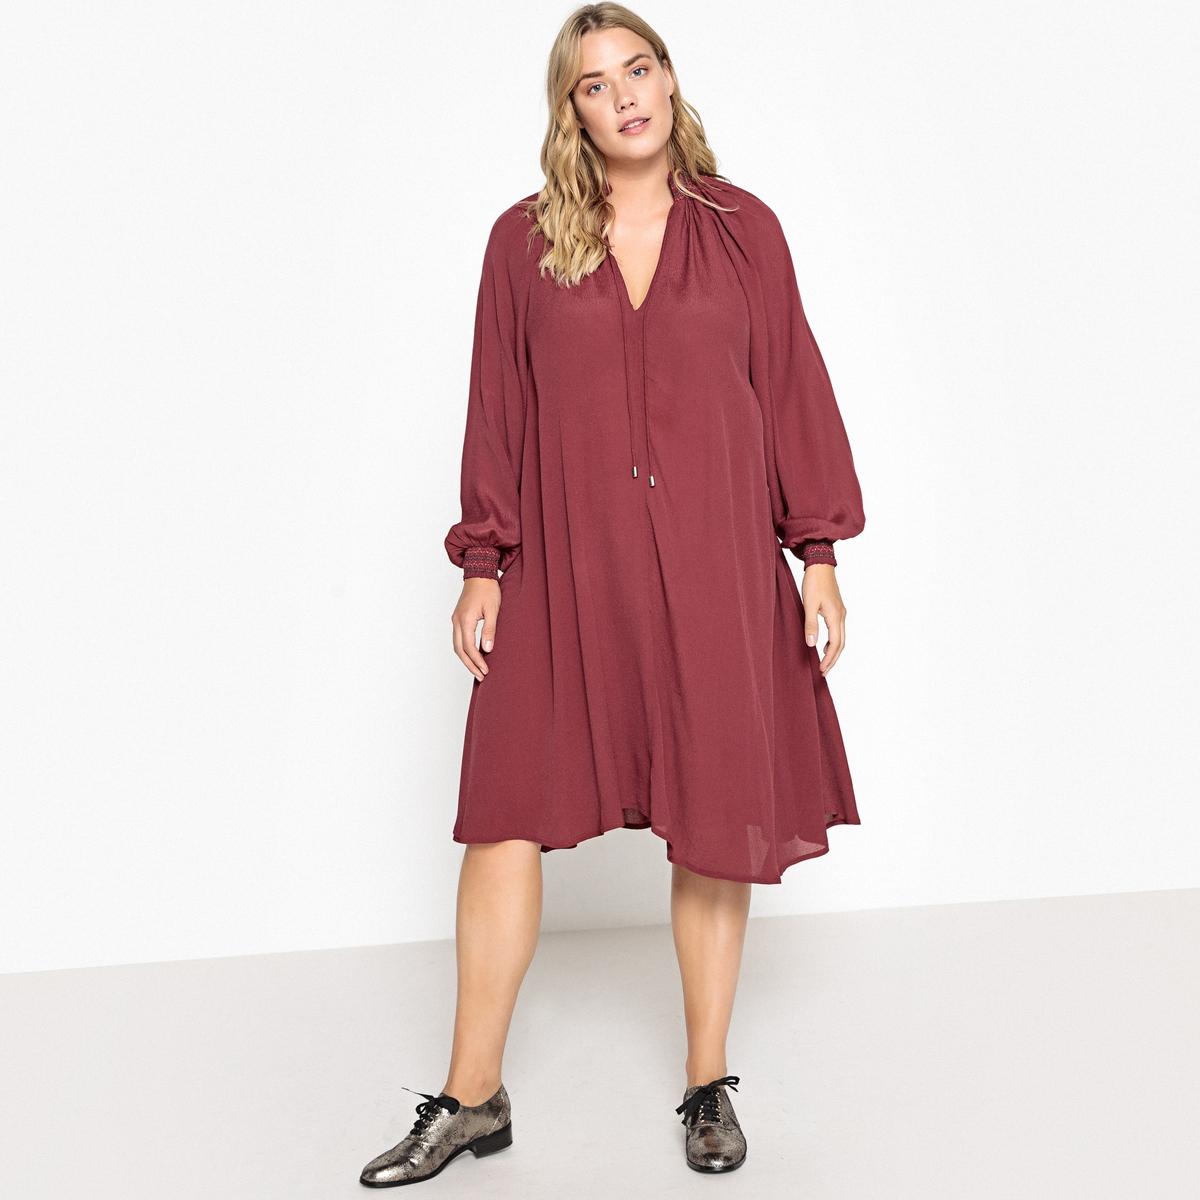 Sukienka rozkloszowana, półdługa, długi rękaw